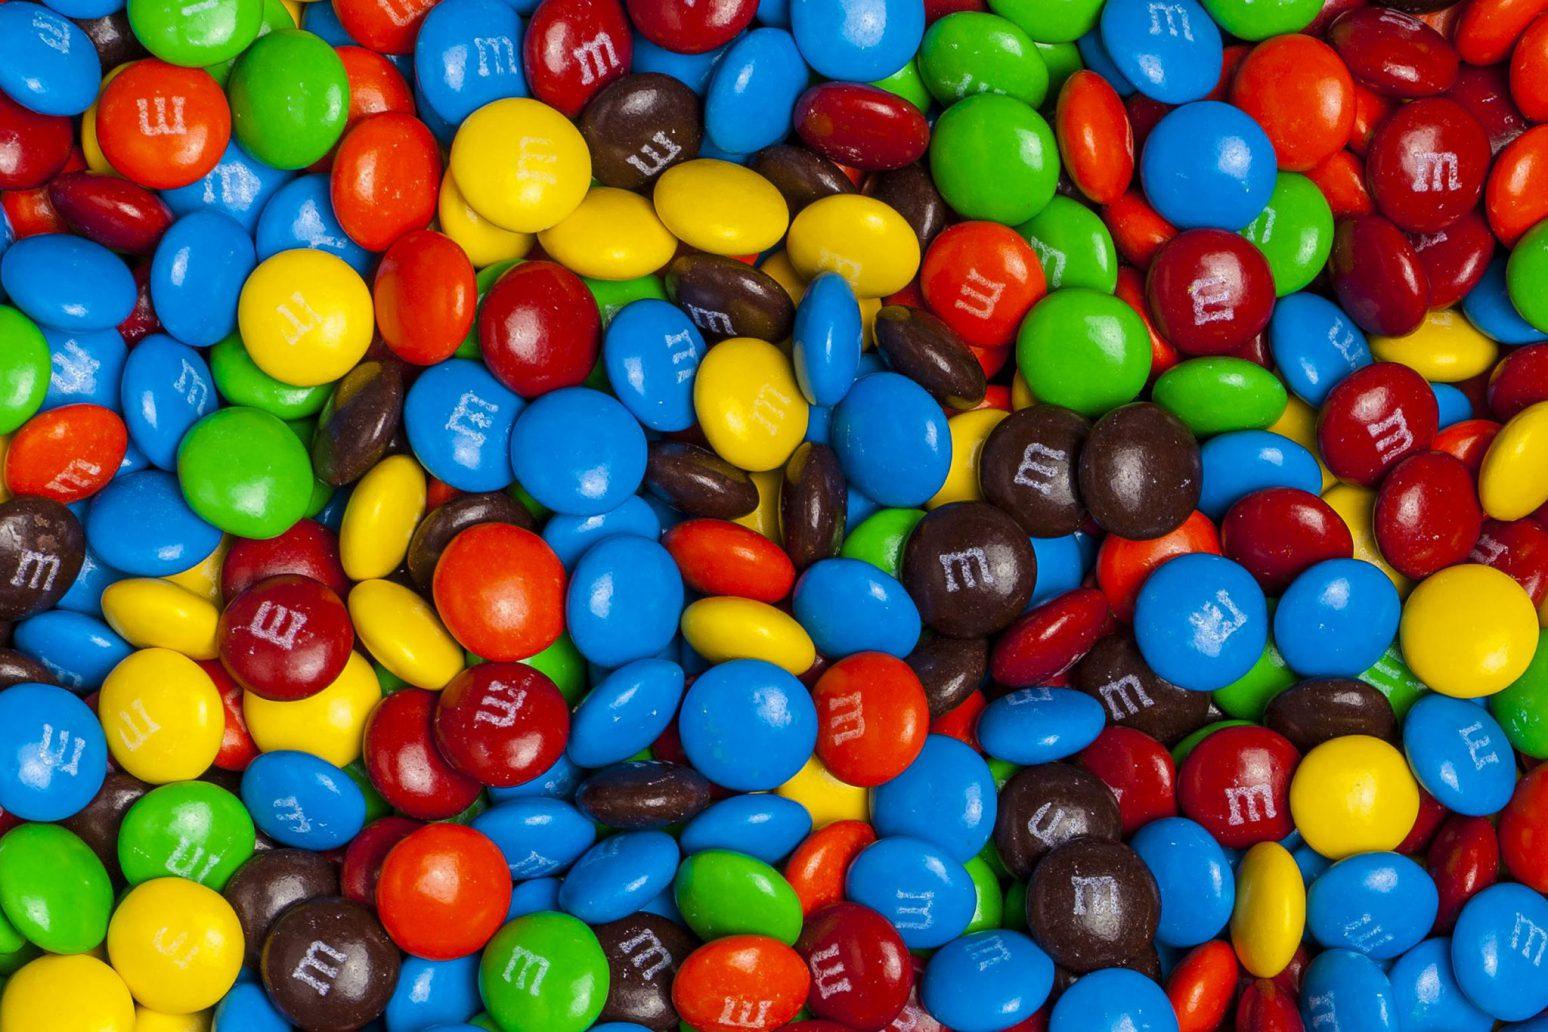 Các chỉ tiêu xét nghiệm kẹo